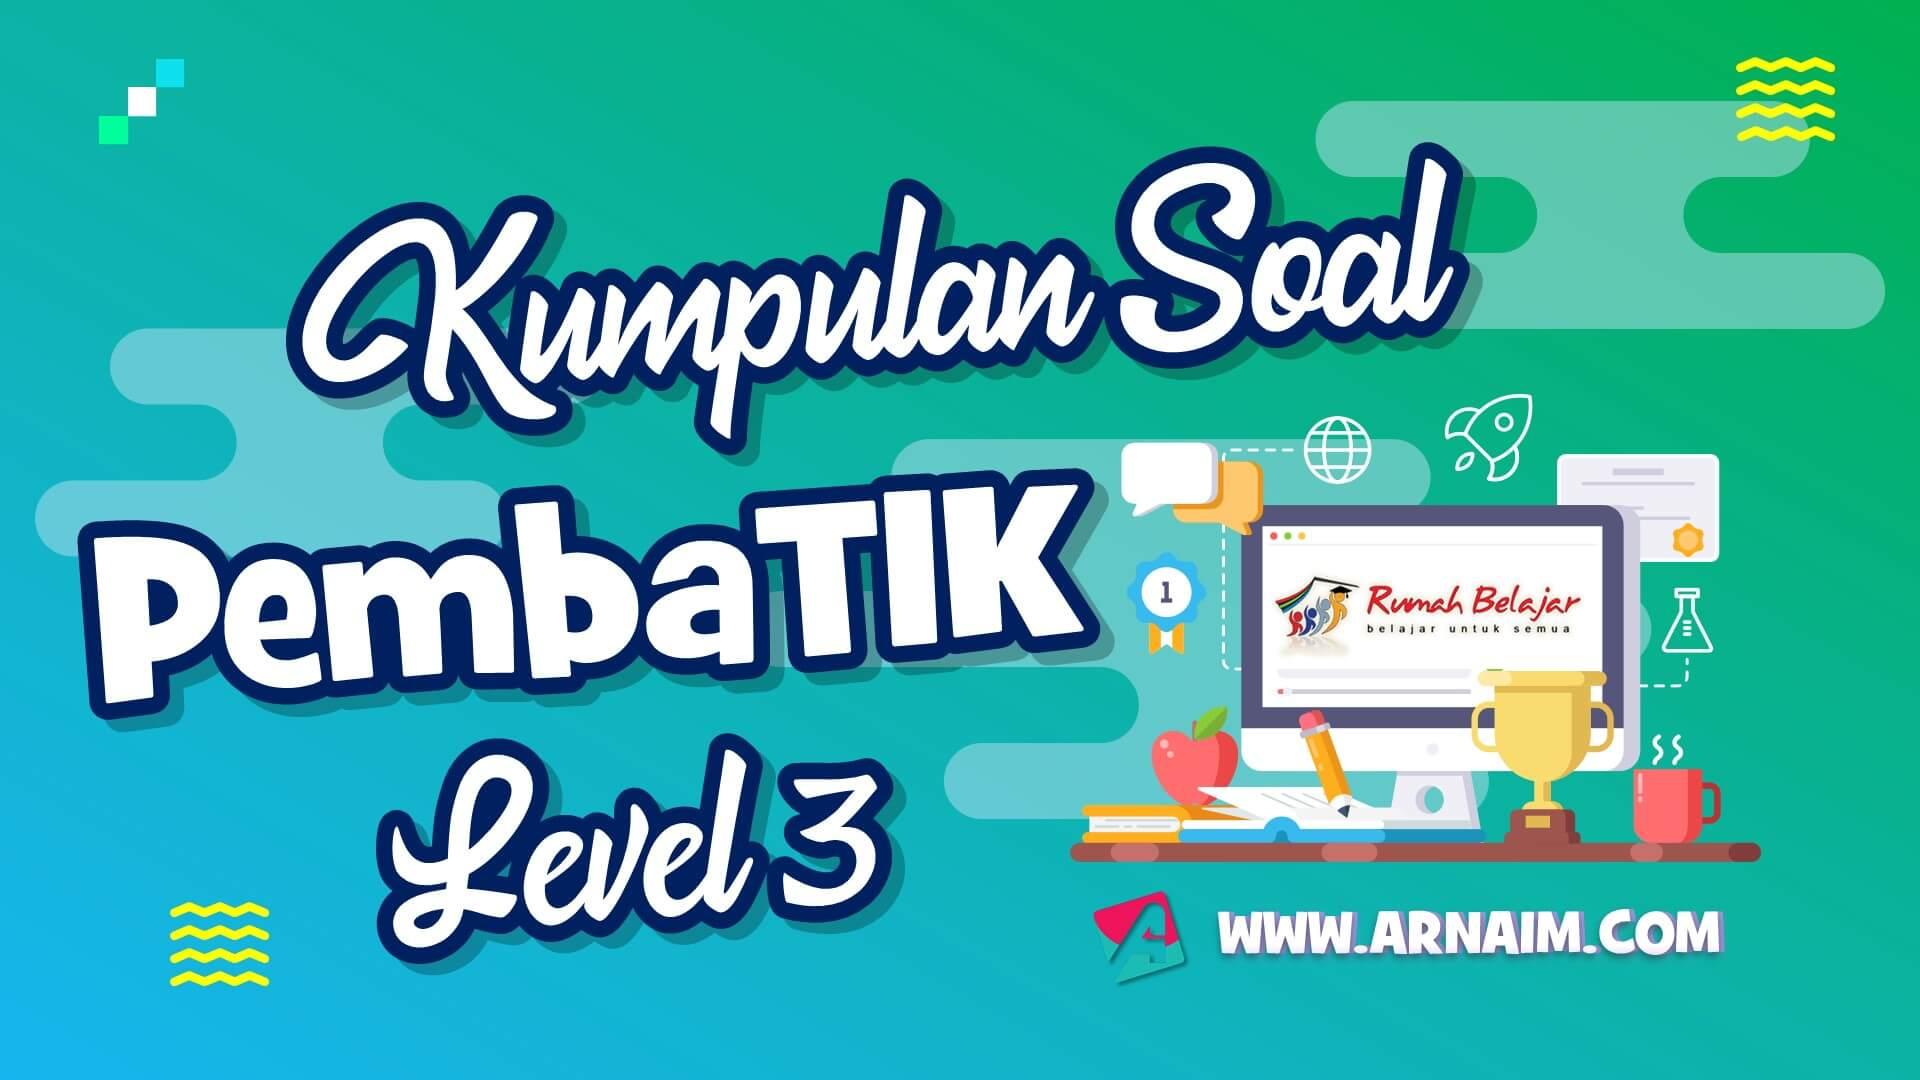 ARNAIM.COM - SOAL PEMBATIK LEVEL 3 TERBARU